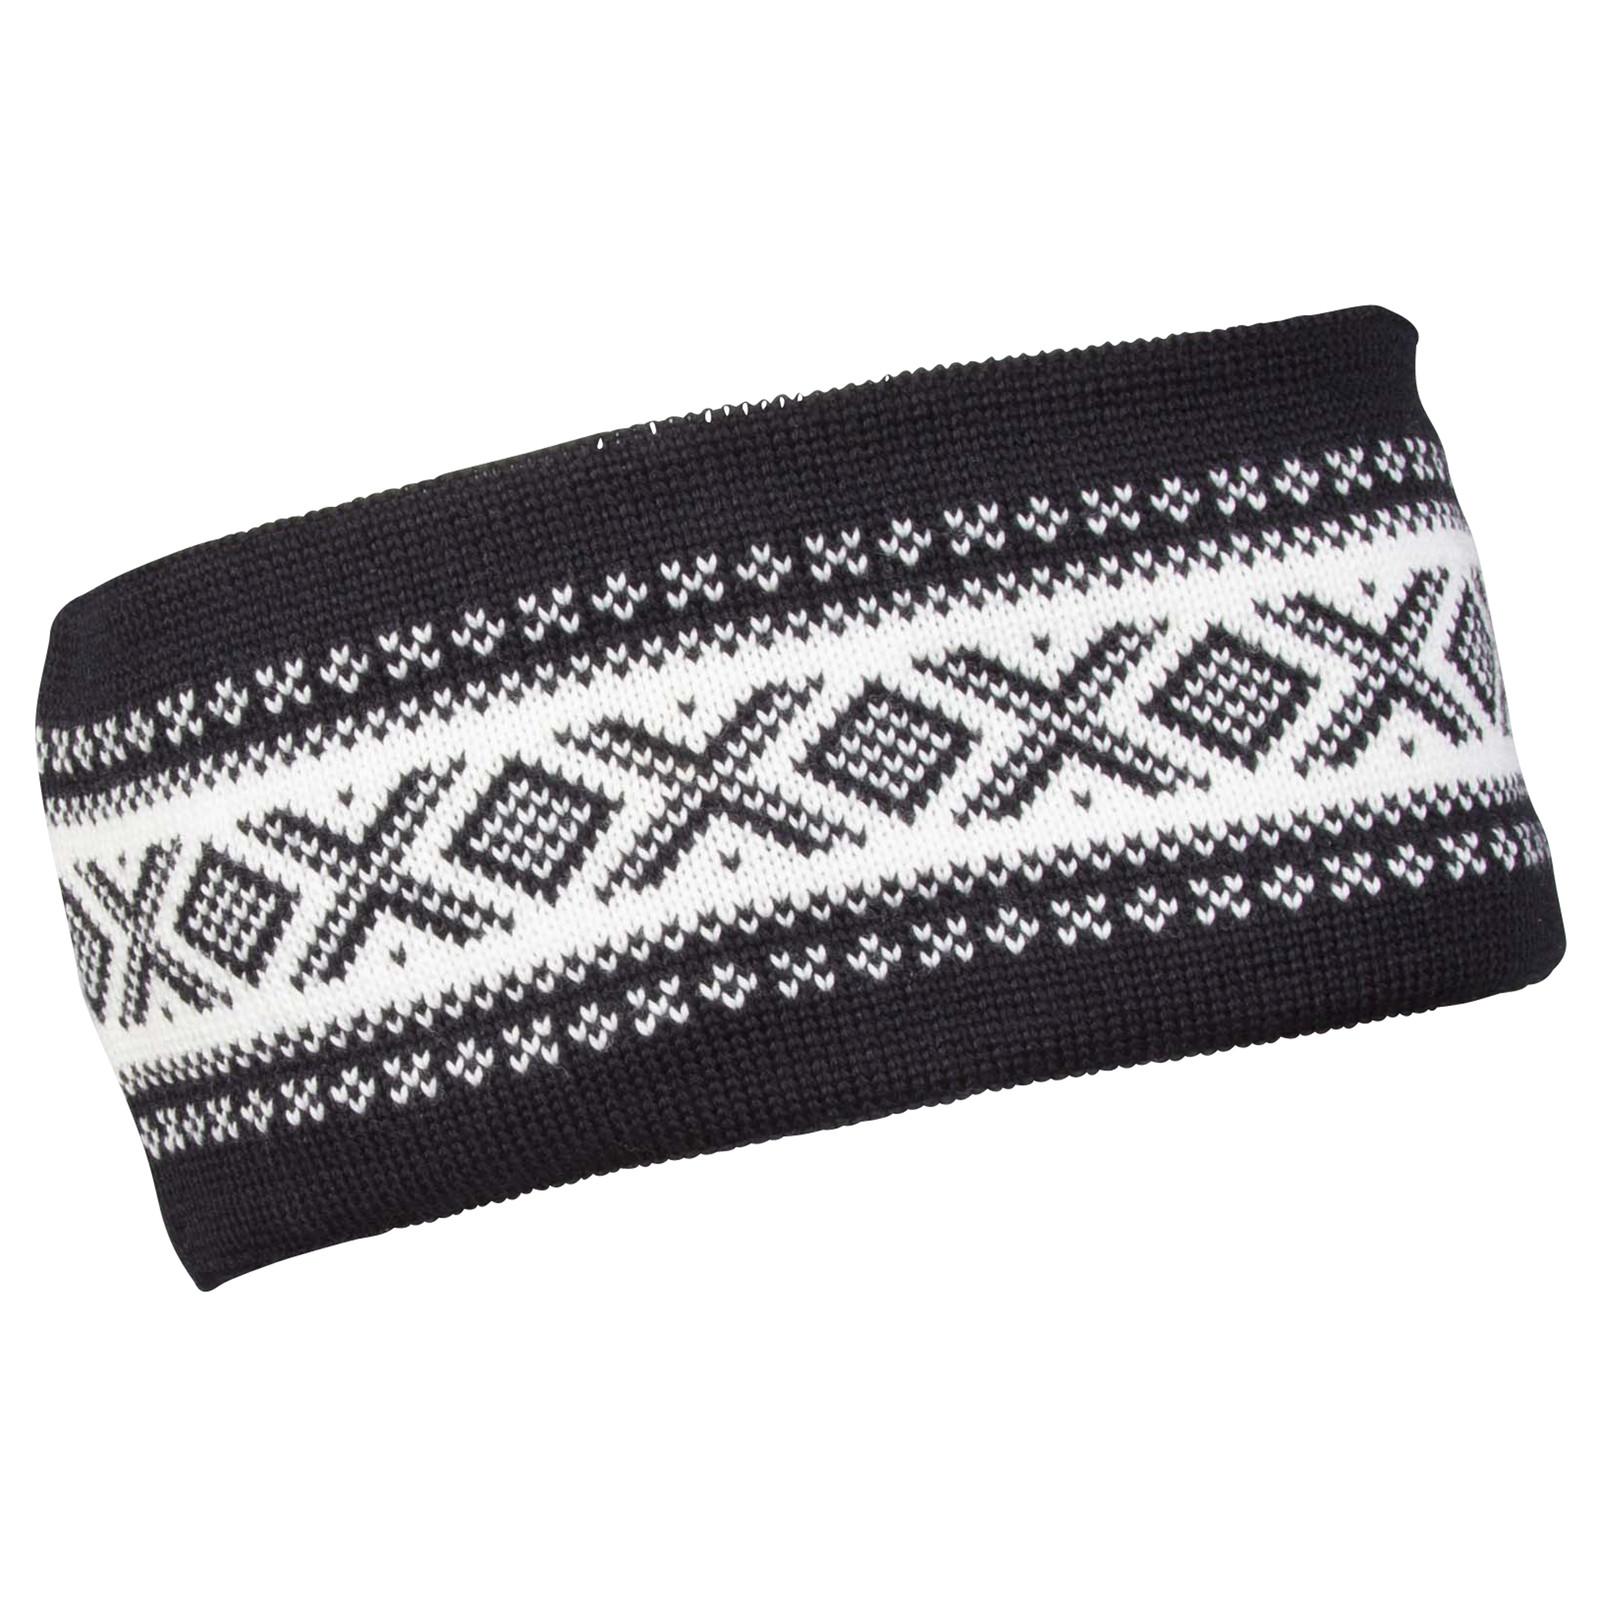 Dale of Norway Cortina Merino Headband - Black/Off White, 26021-F